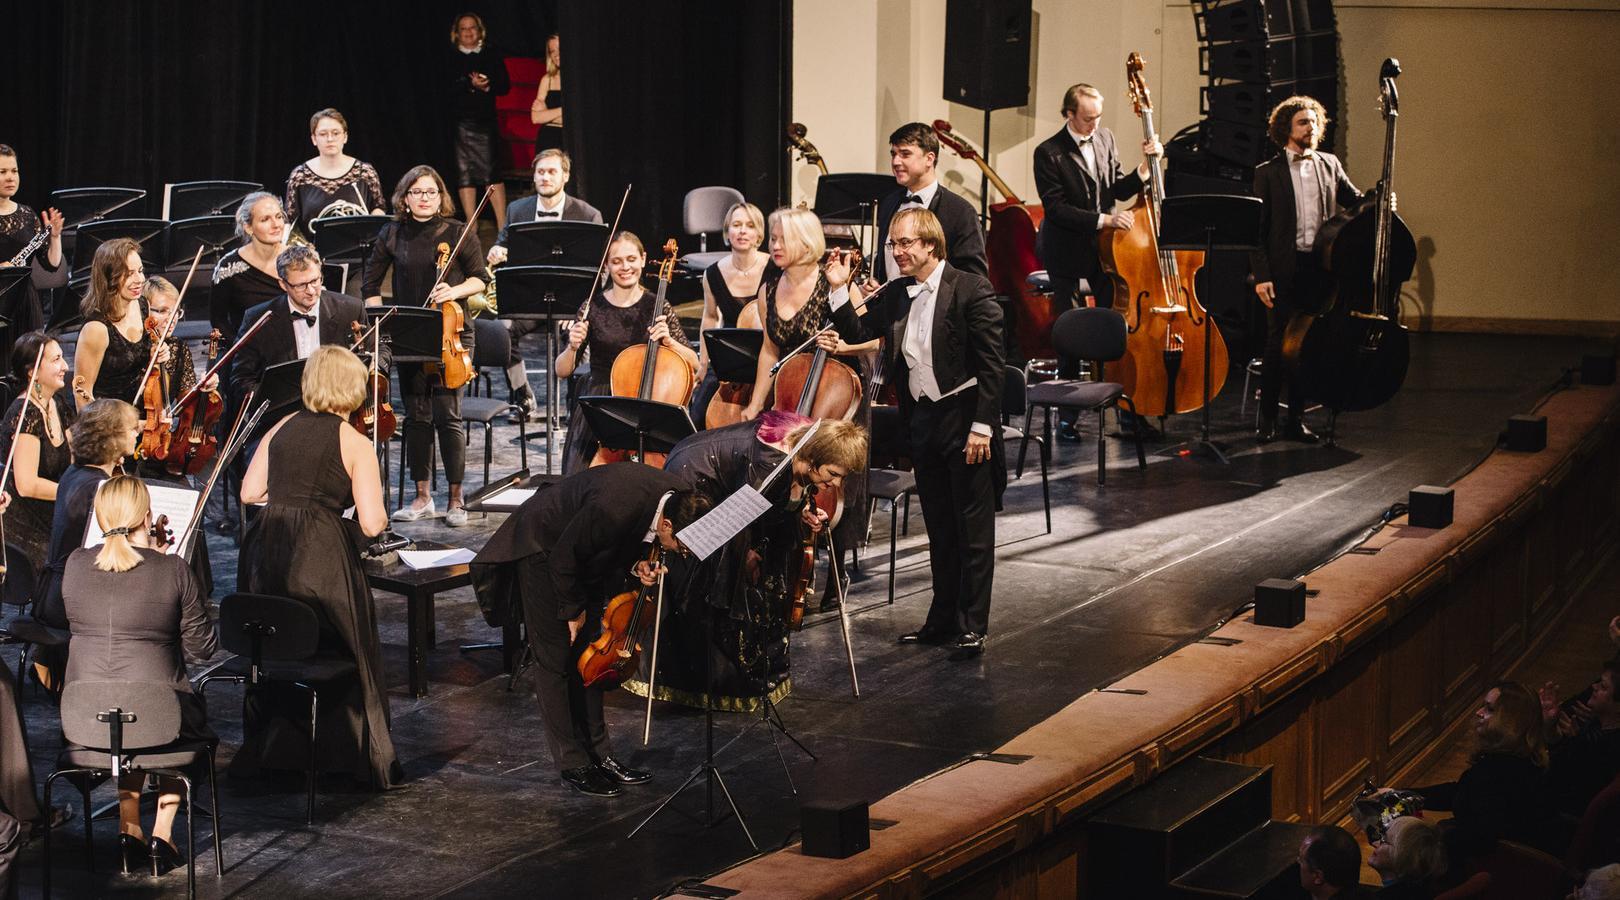 Музыка Моцарта снизила эпилептическую активность мозга